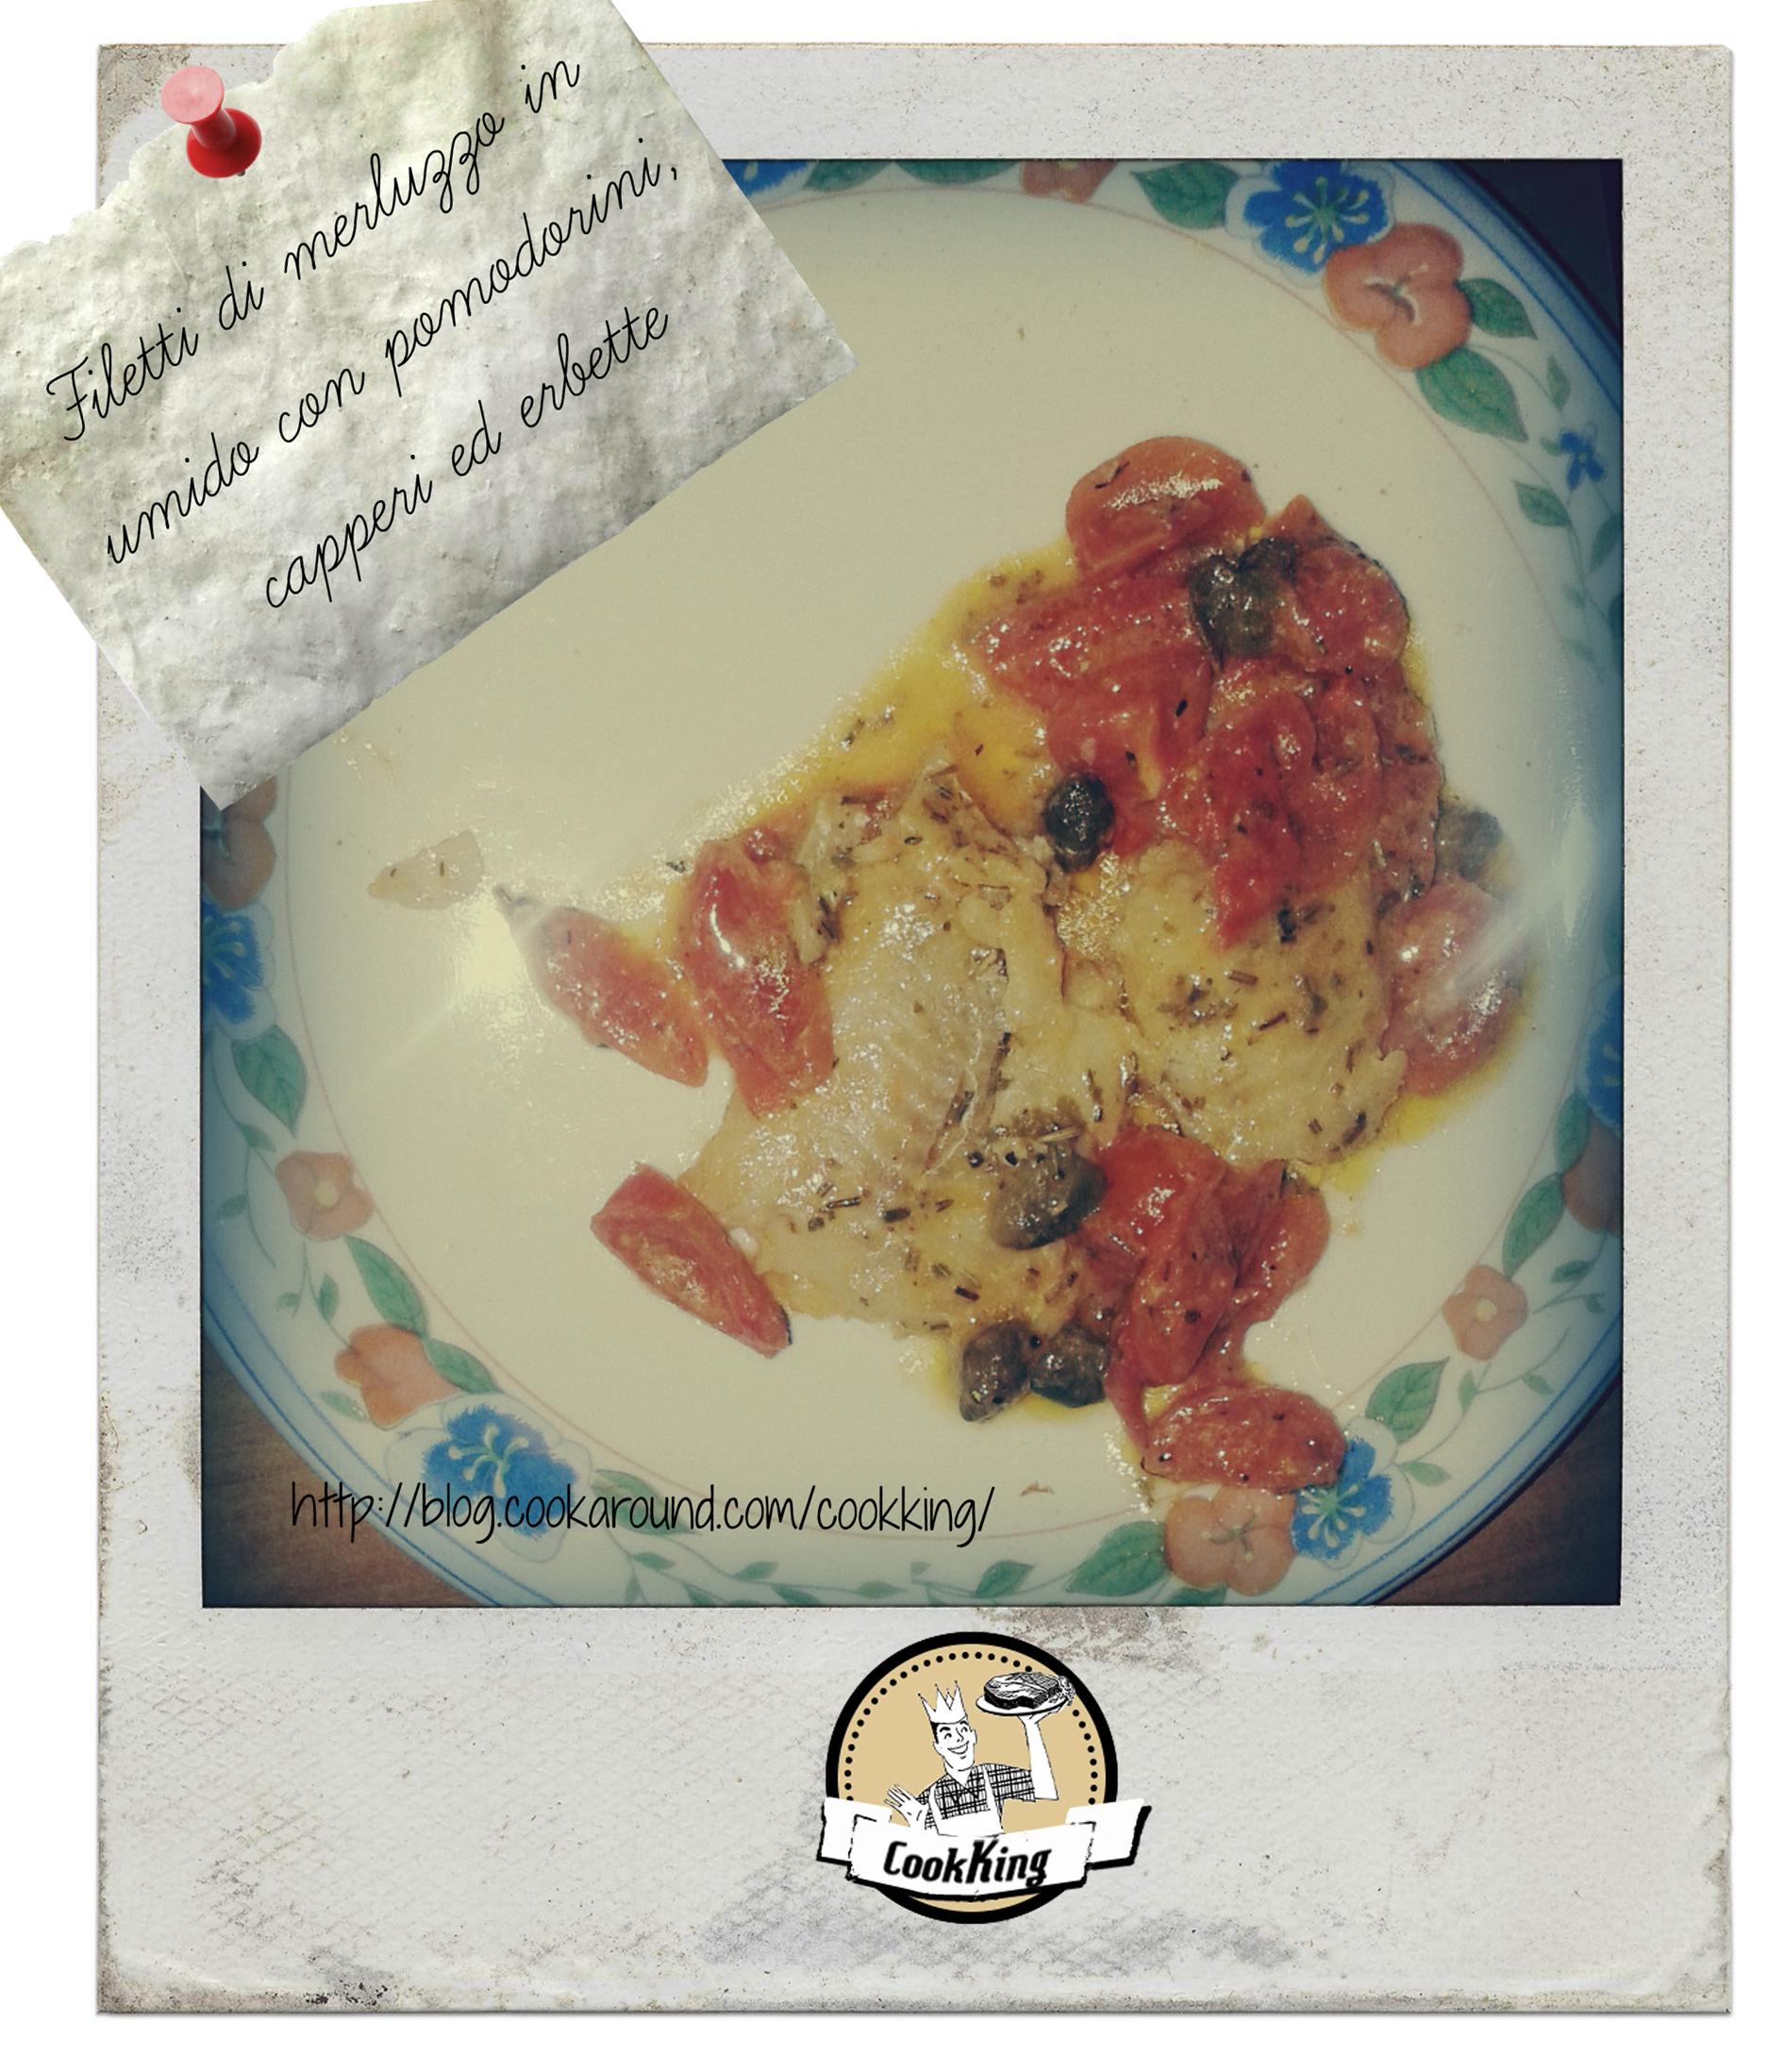 Filetti di merluzzo in umido con pomodorini, capperi ed erbette - CookKING